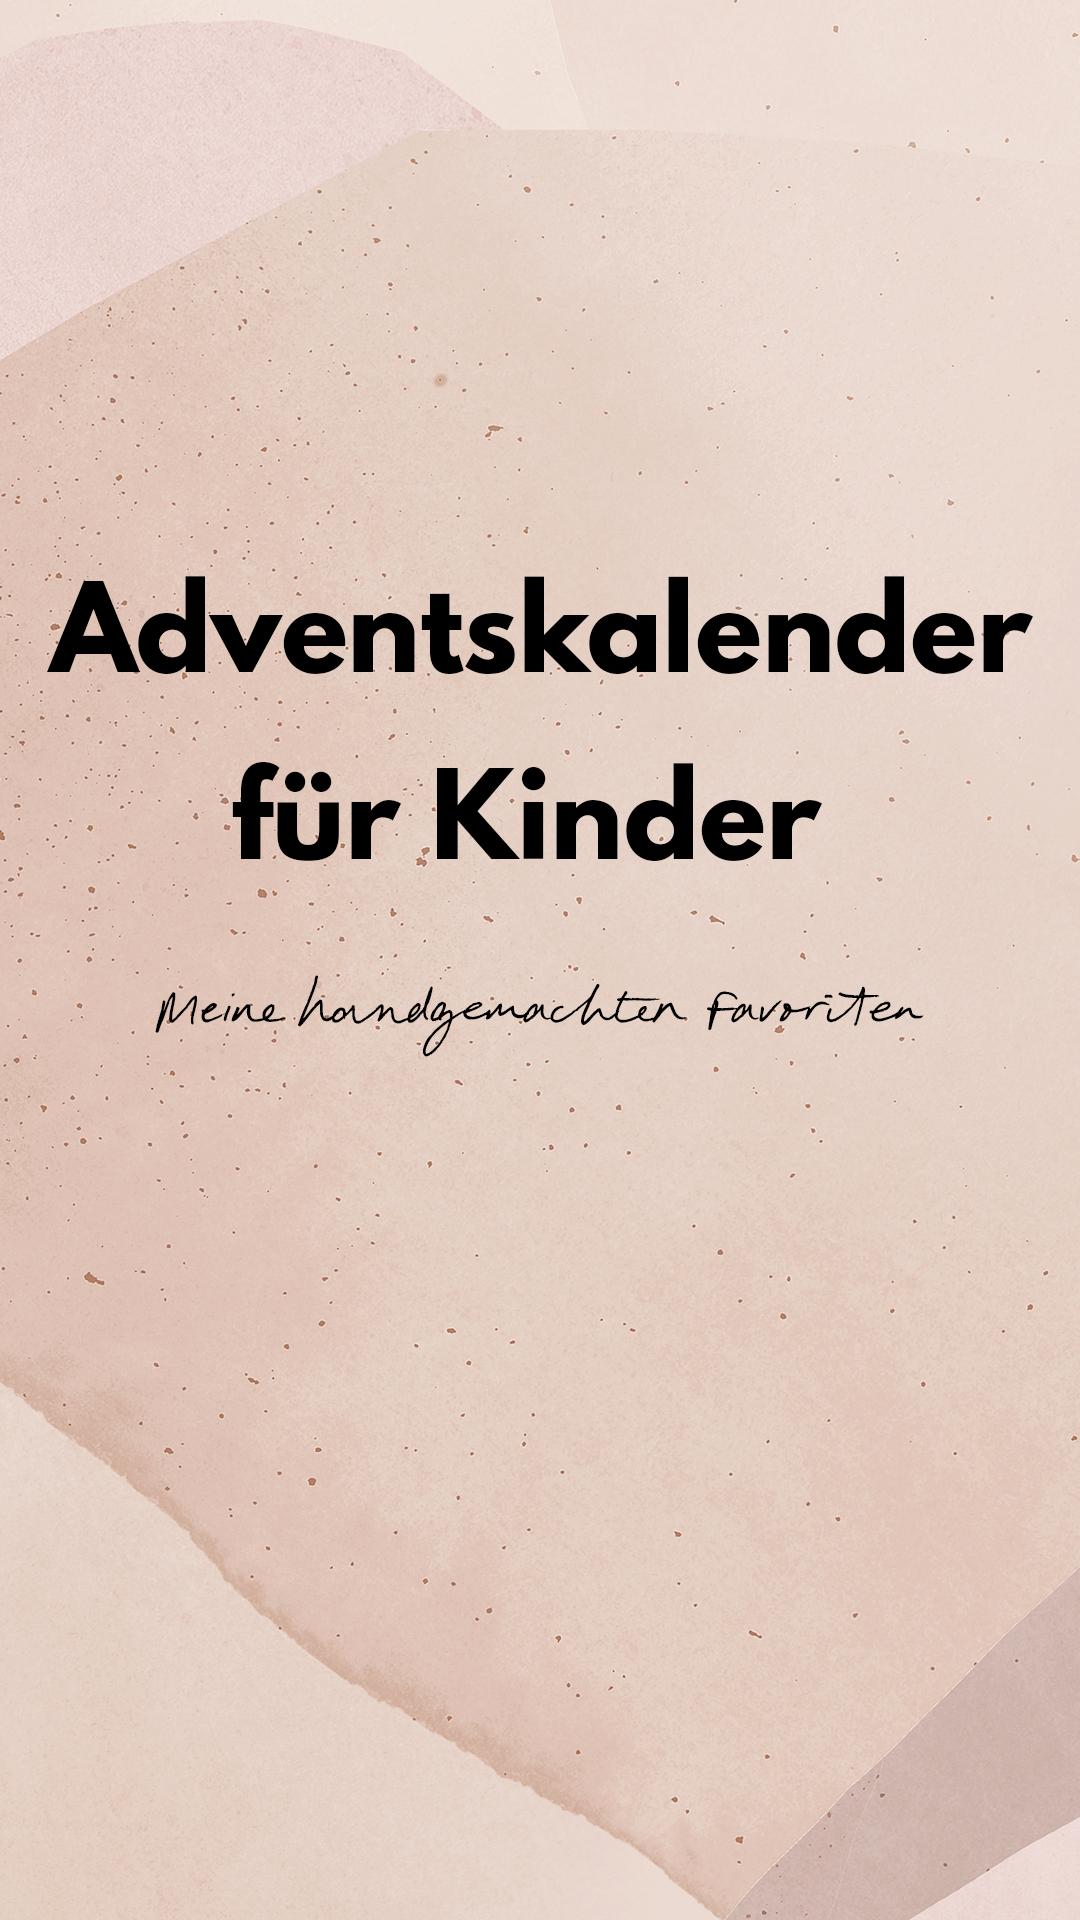 Adventskalender für Kinder: Meine handgemachten Favoriten